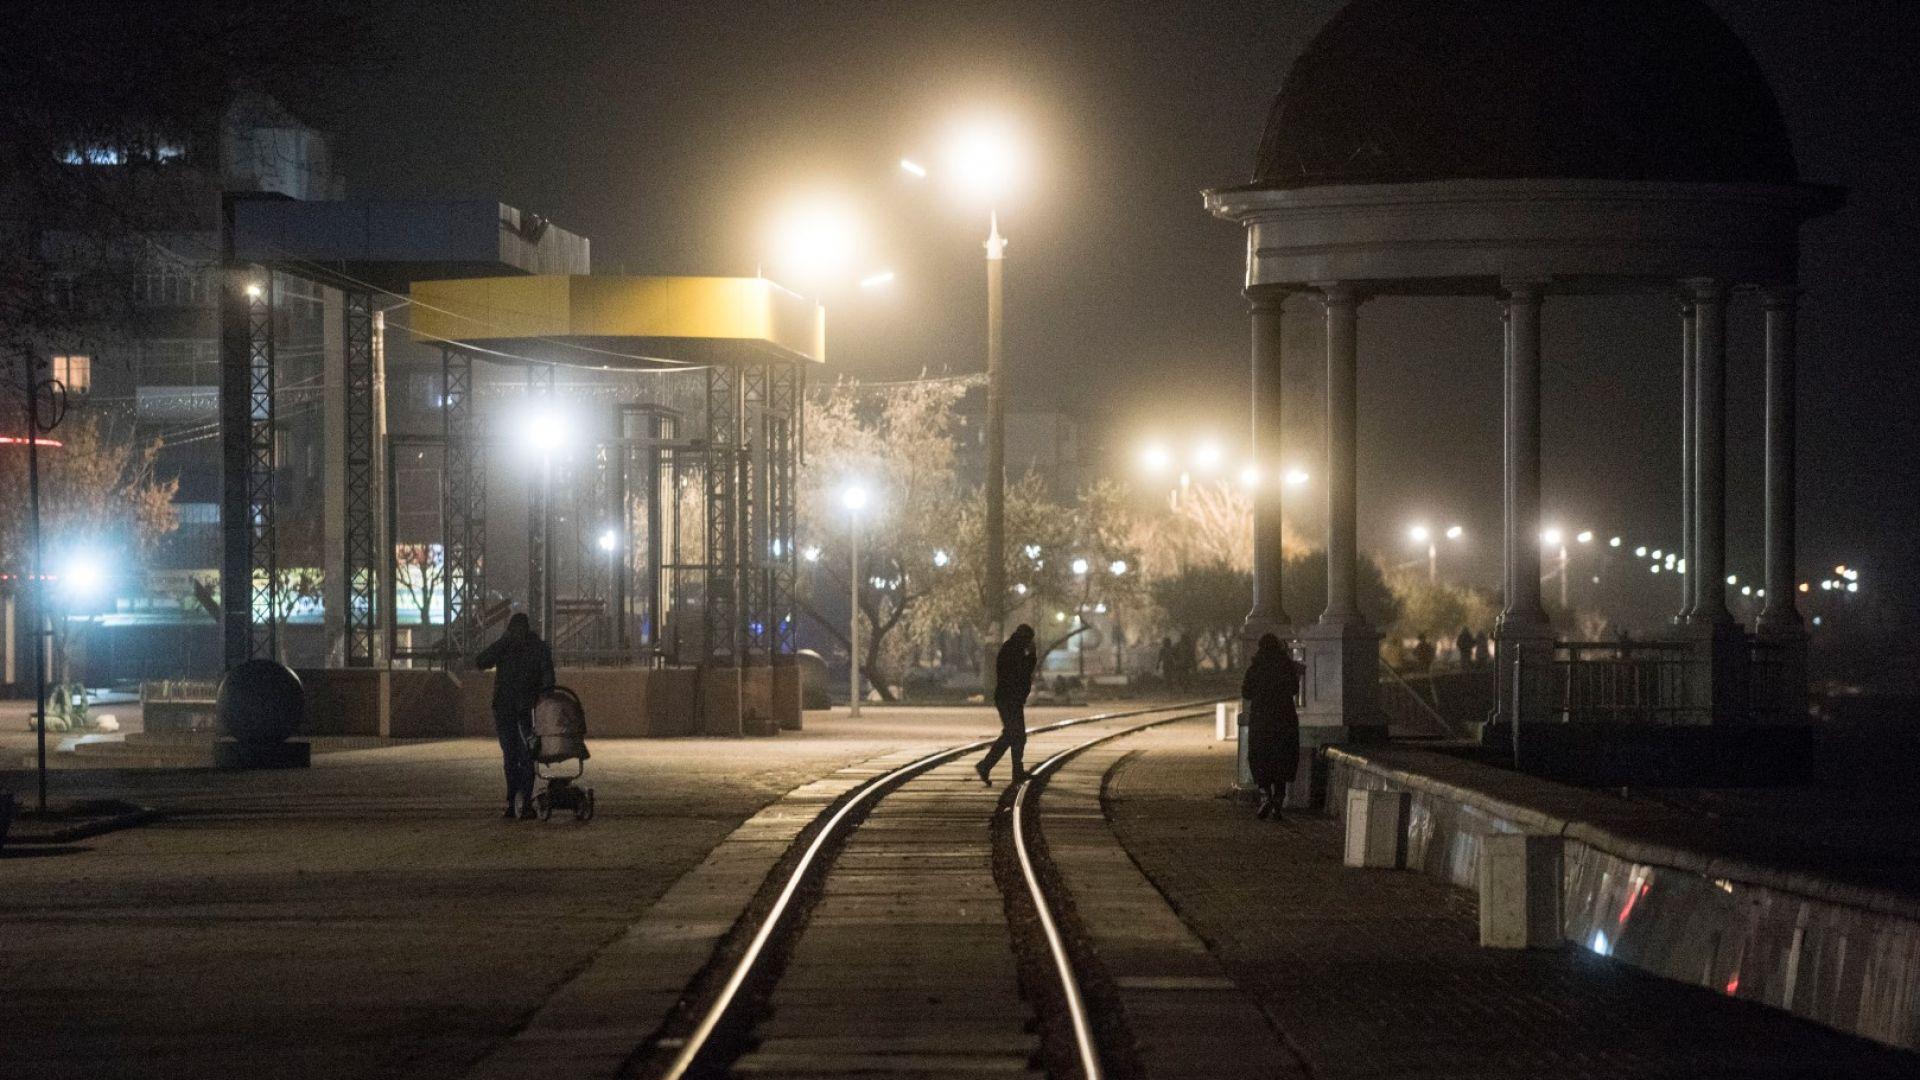 Външно: Не пътувайте до Украйна, може да ограничат правата ви